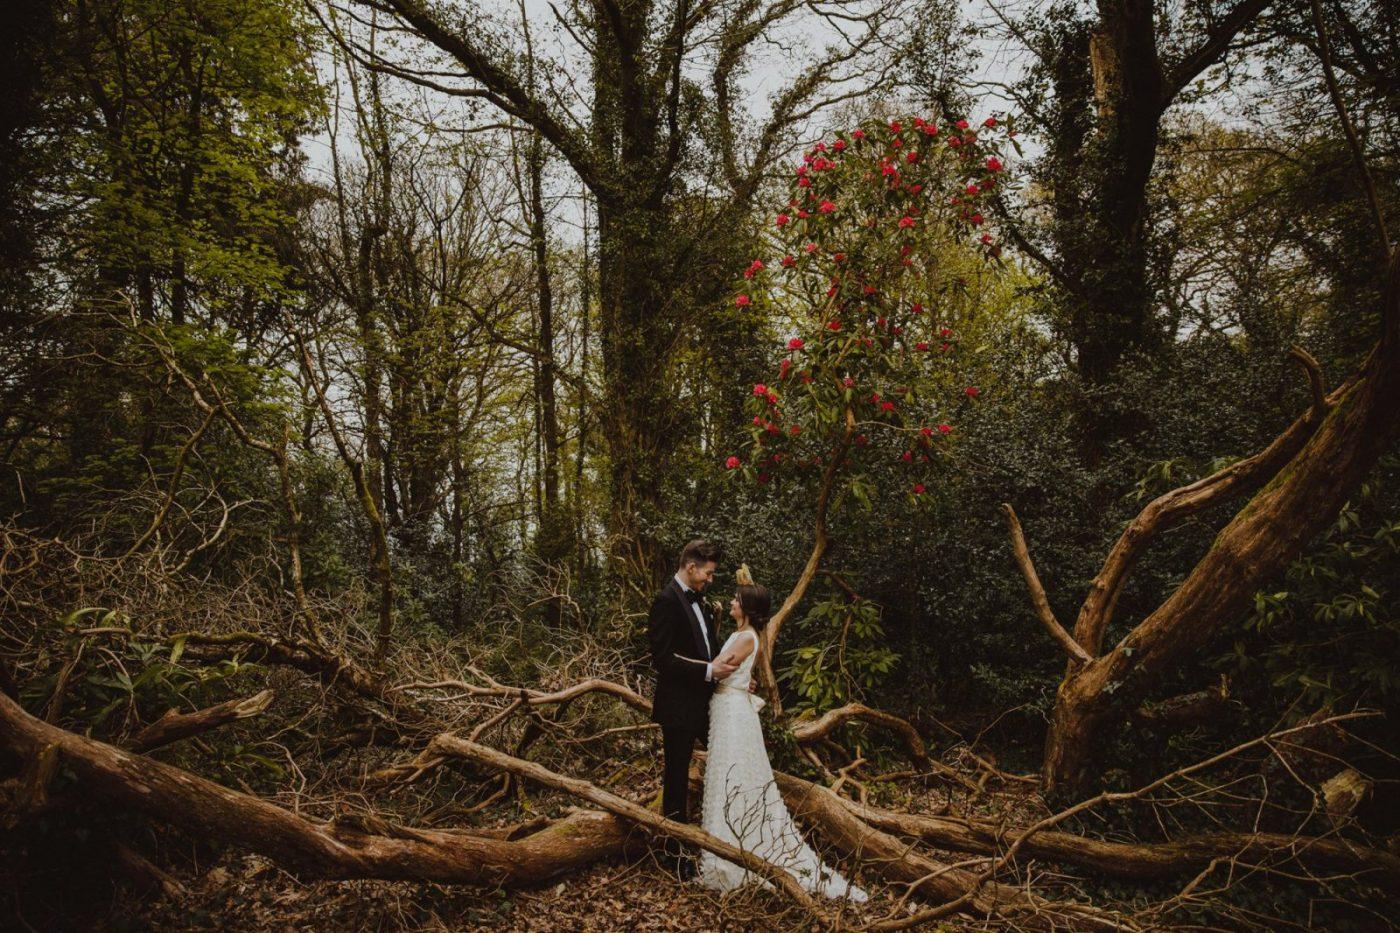 Virginia Park Lodge Wedding Venue